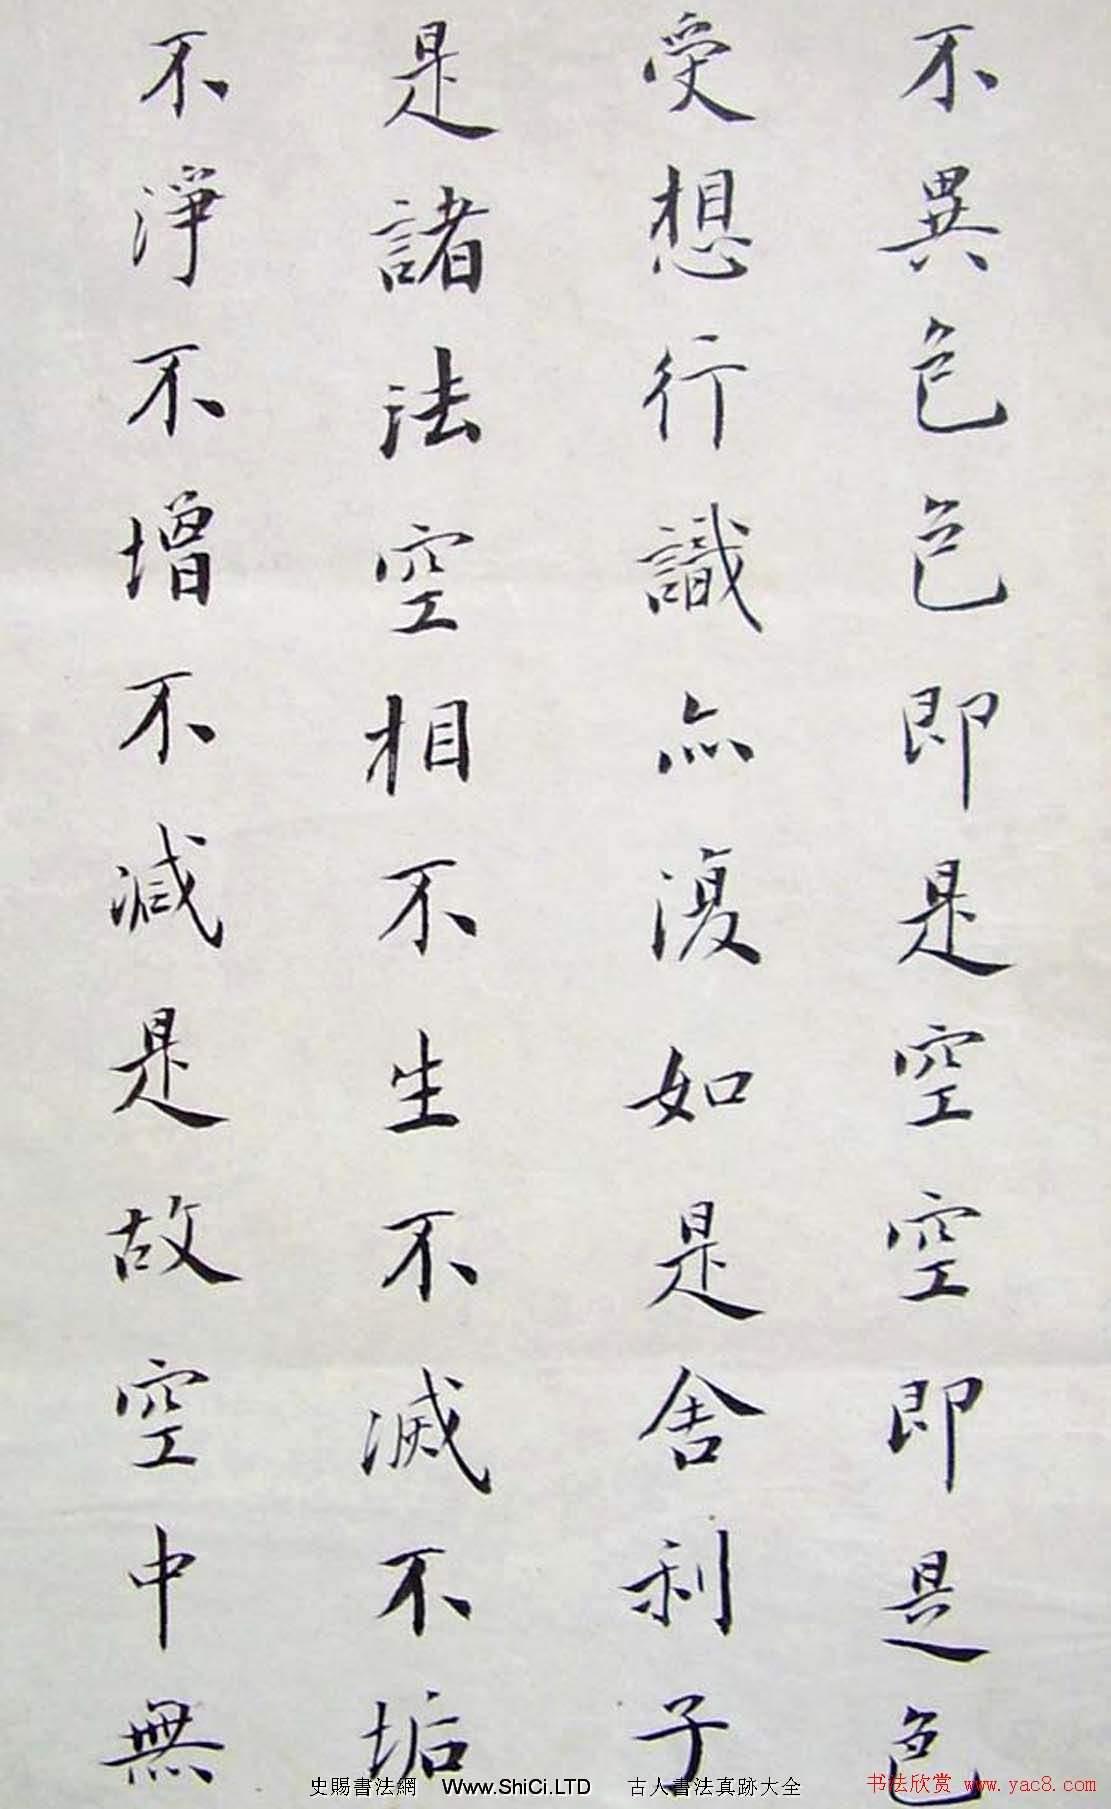 蔣松華書法《楷書心經》圖片7P